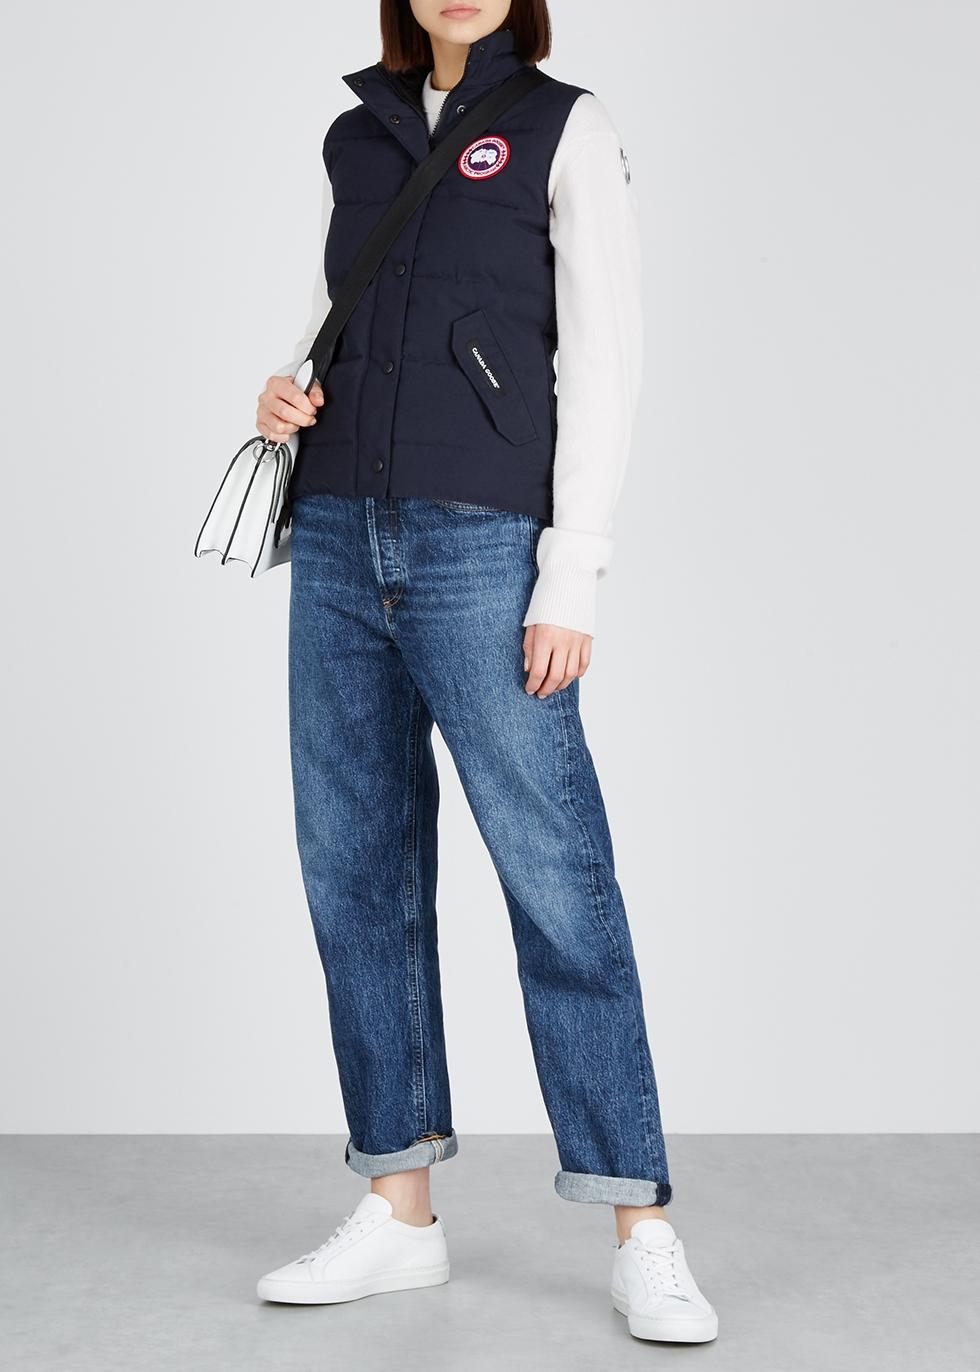 68c5e1923c1c Canada Goose - Designer Jackets   Coats - Harvey Nichols